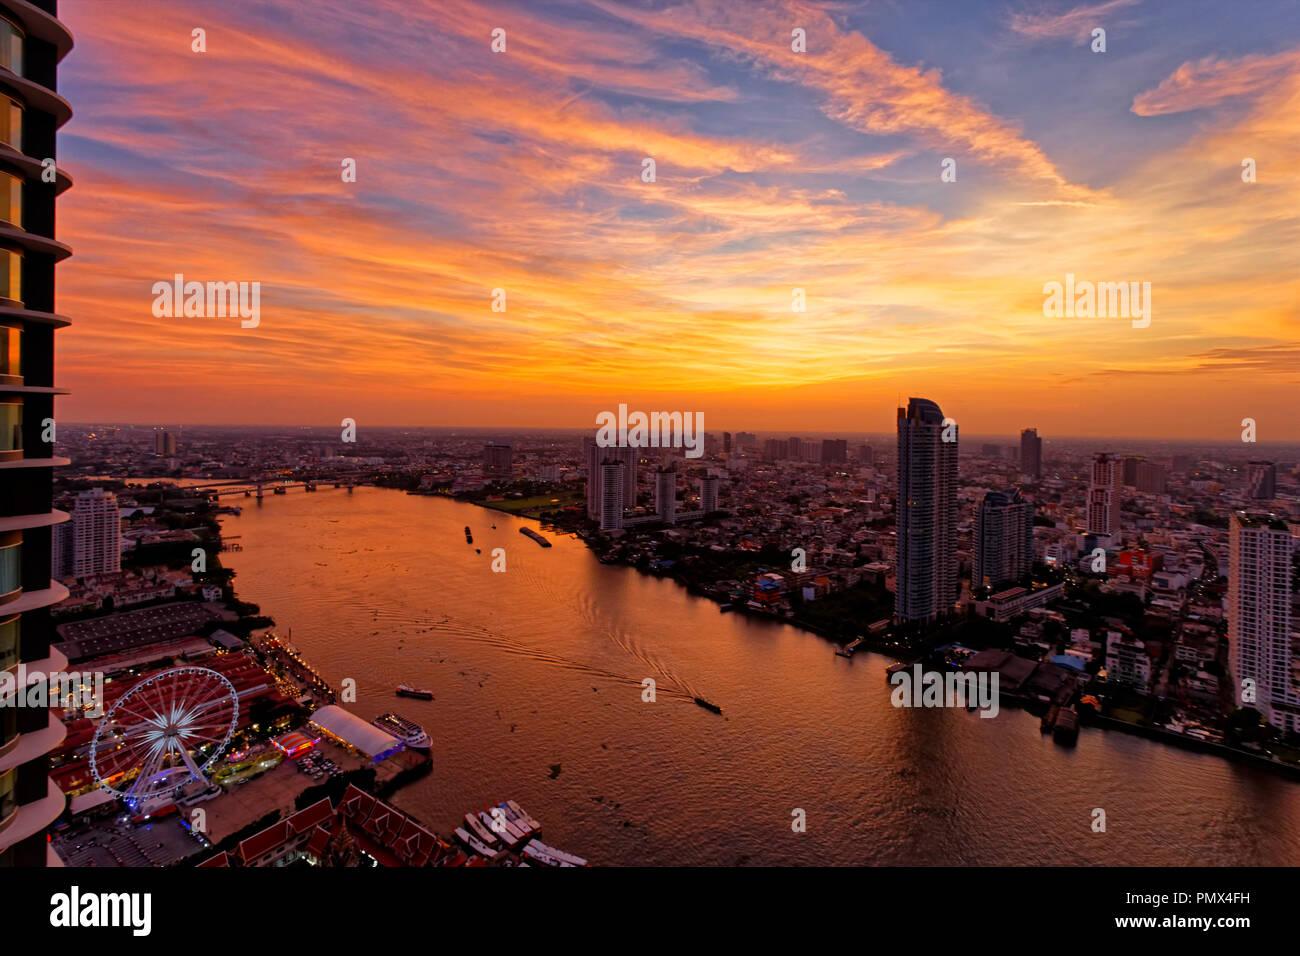 Incroyable Coucher du soleil sur la rivière Chao Praya et Asiatique, Bangkok Photo Stock